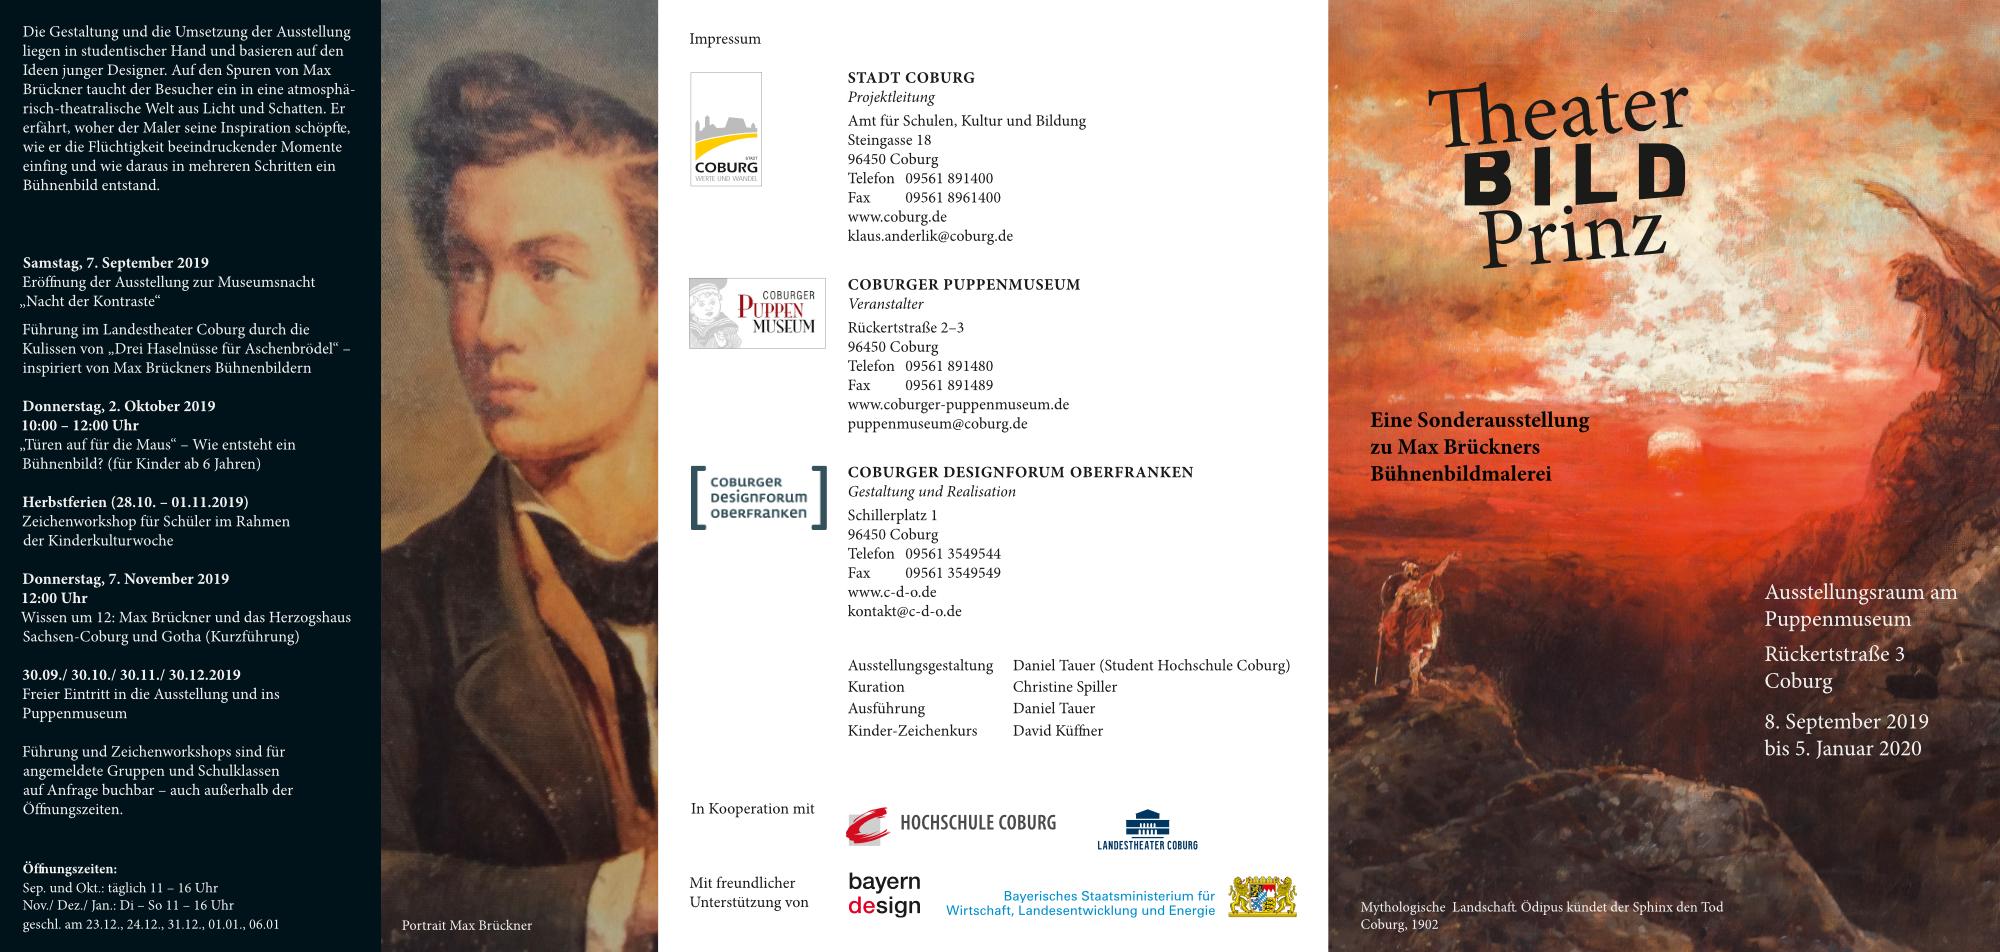 Daniel_Tauer_Projekt_Theater_Bild_Prinz_Grafik_2